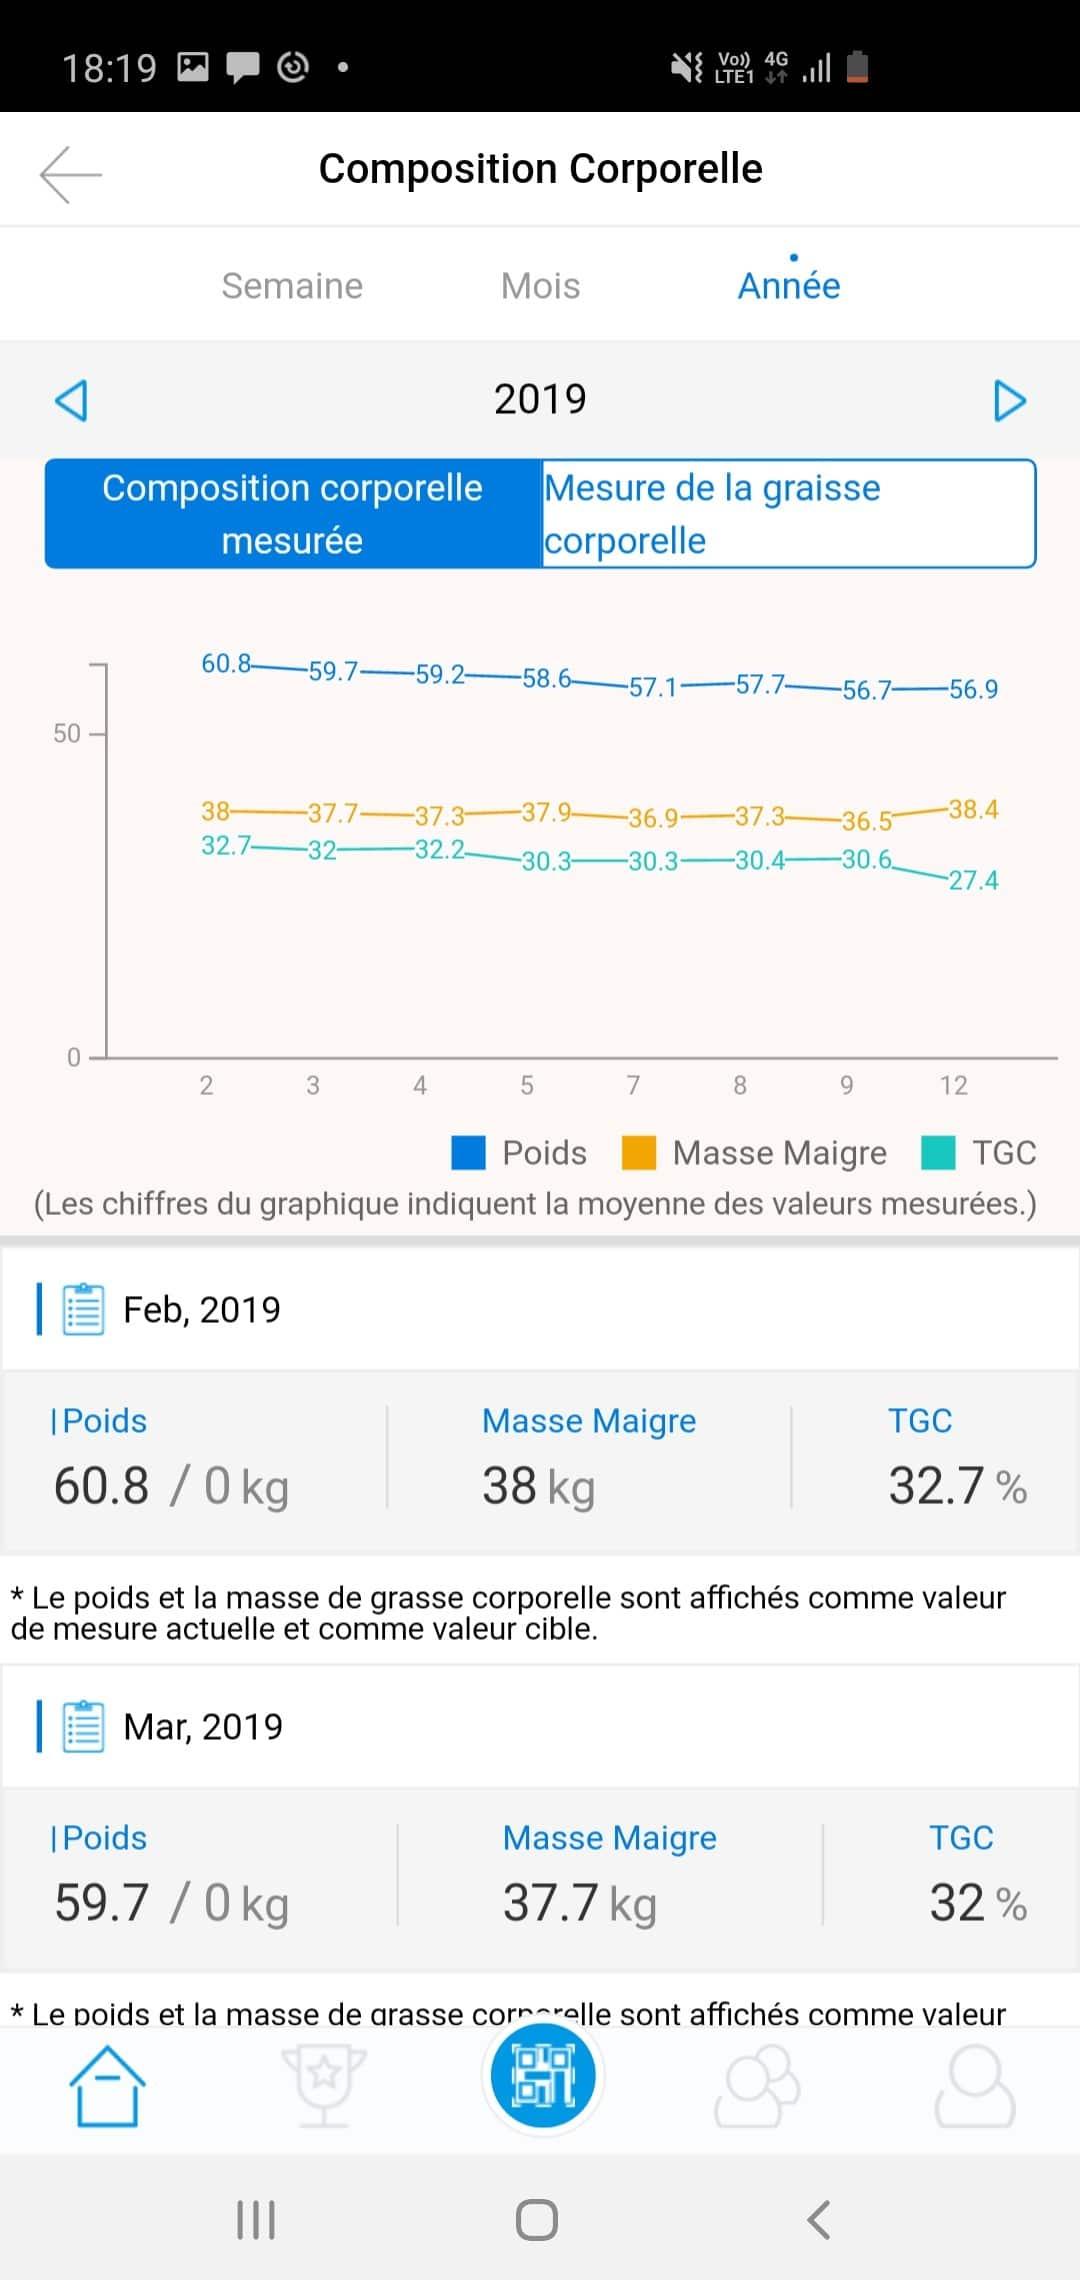 écran de l'application ACCUNIQ montrant le suivi de la masse maigre et de la masse grasse